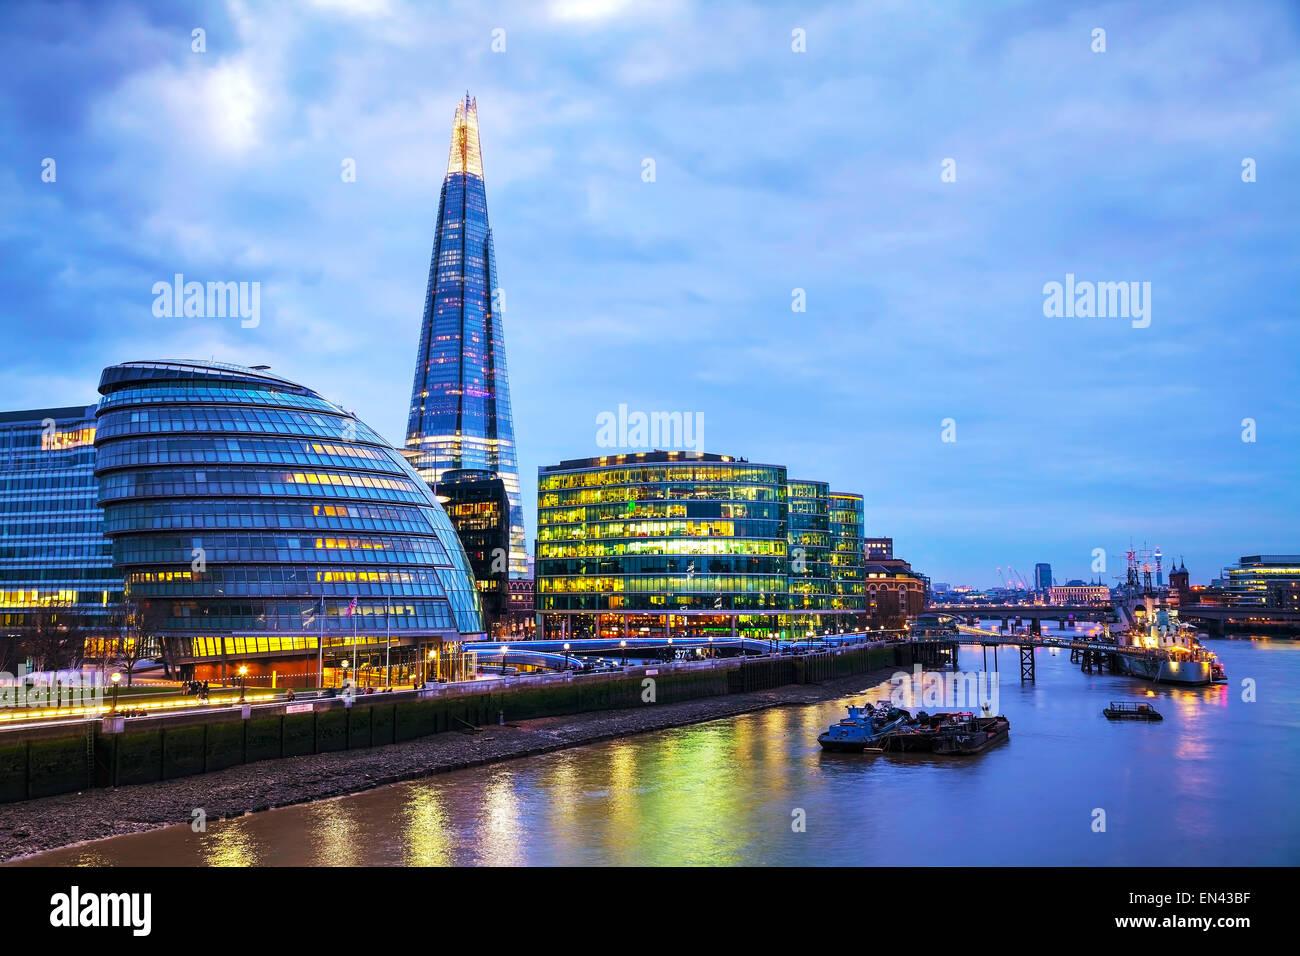 Londres - Abril 4: Visión general de Londres con el Shard de vidrio en Abril 4, 2015 en Londres, Reino Unido. Imagen De Stock